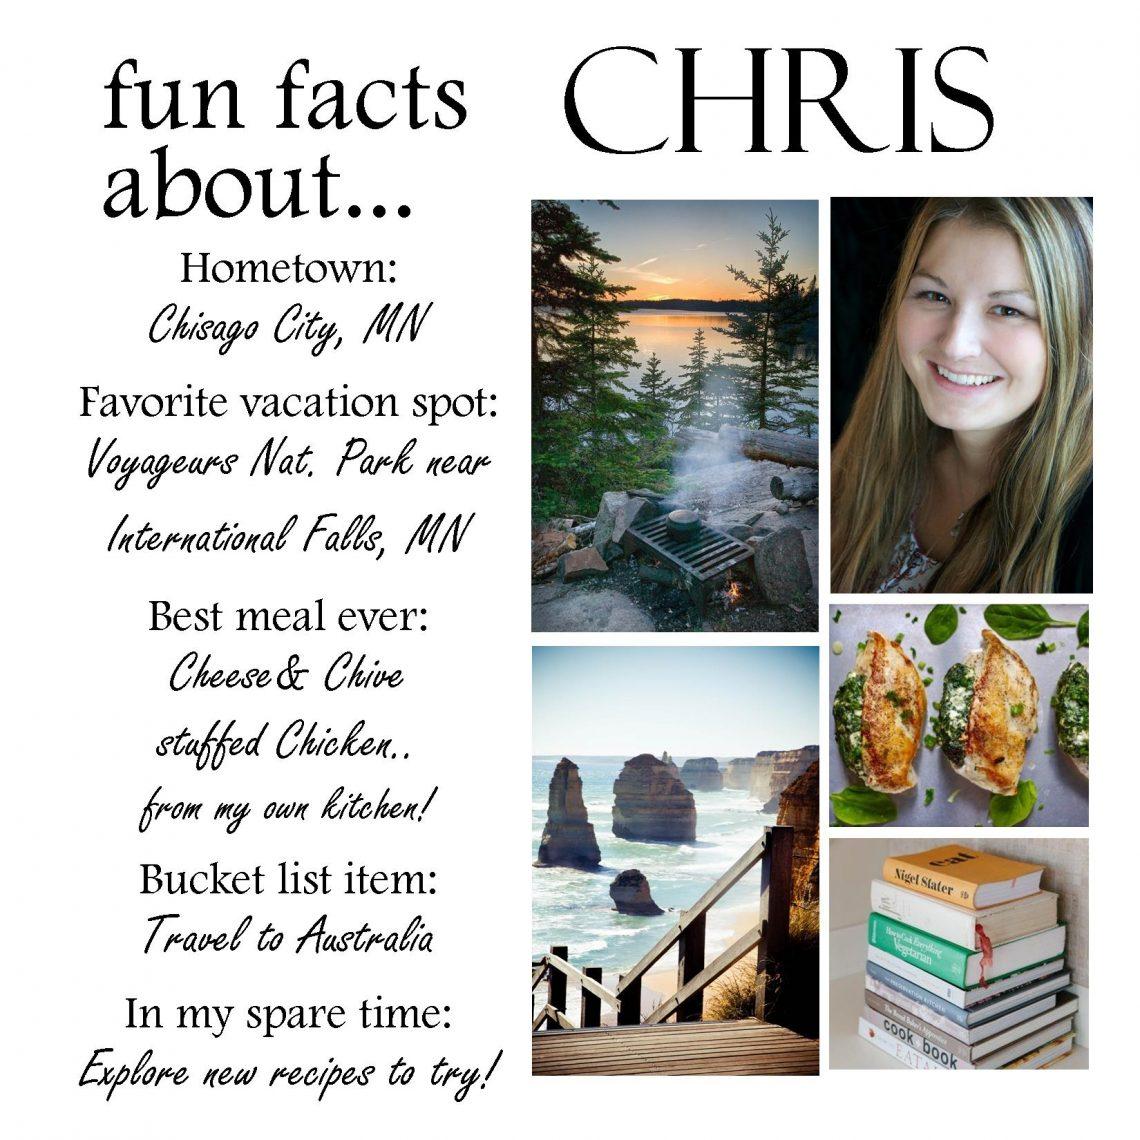 chris fun fact - Copy